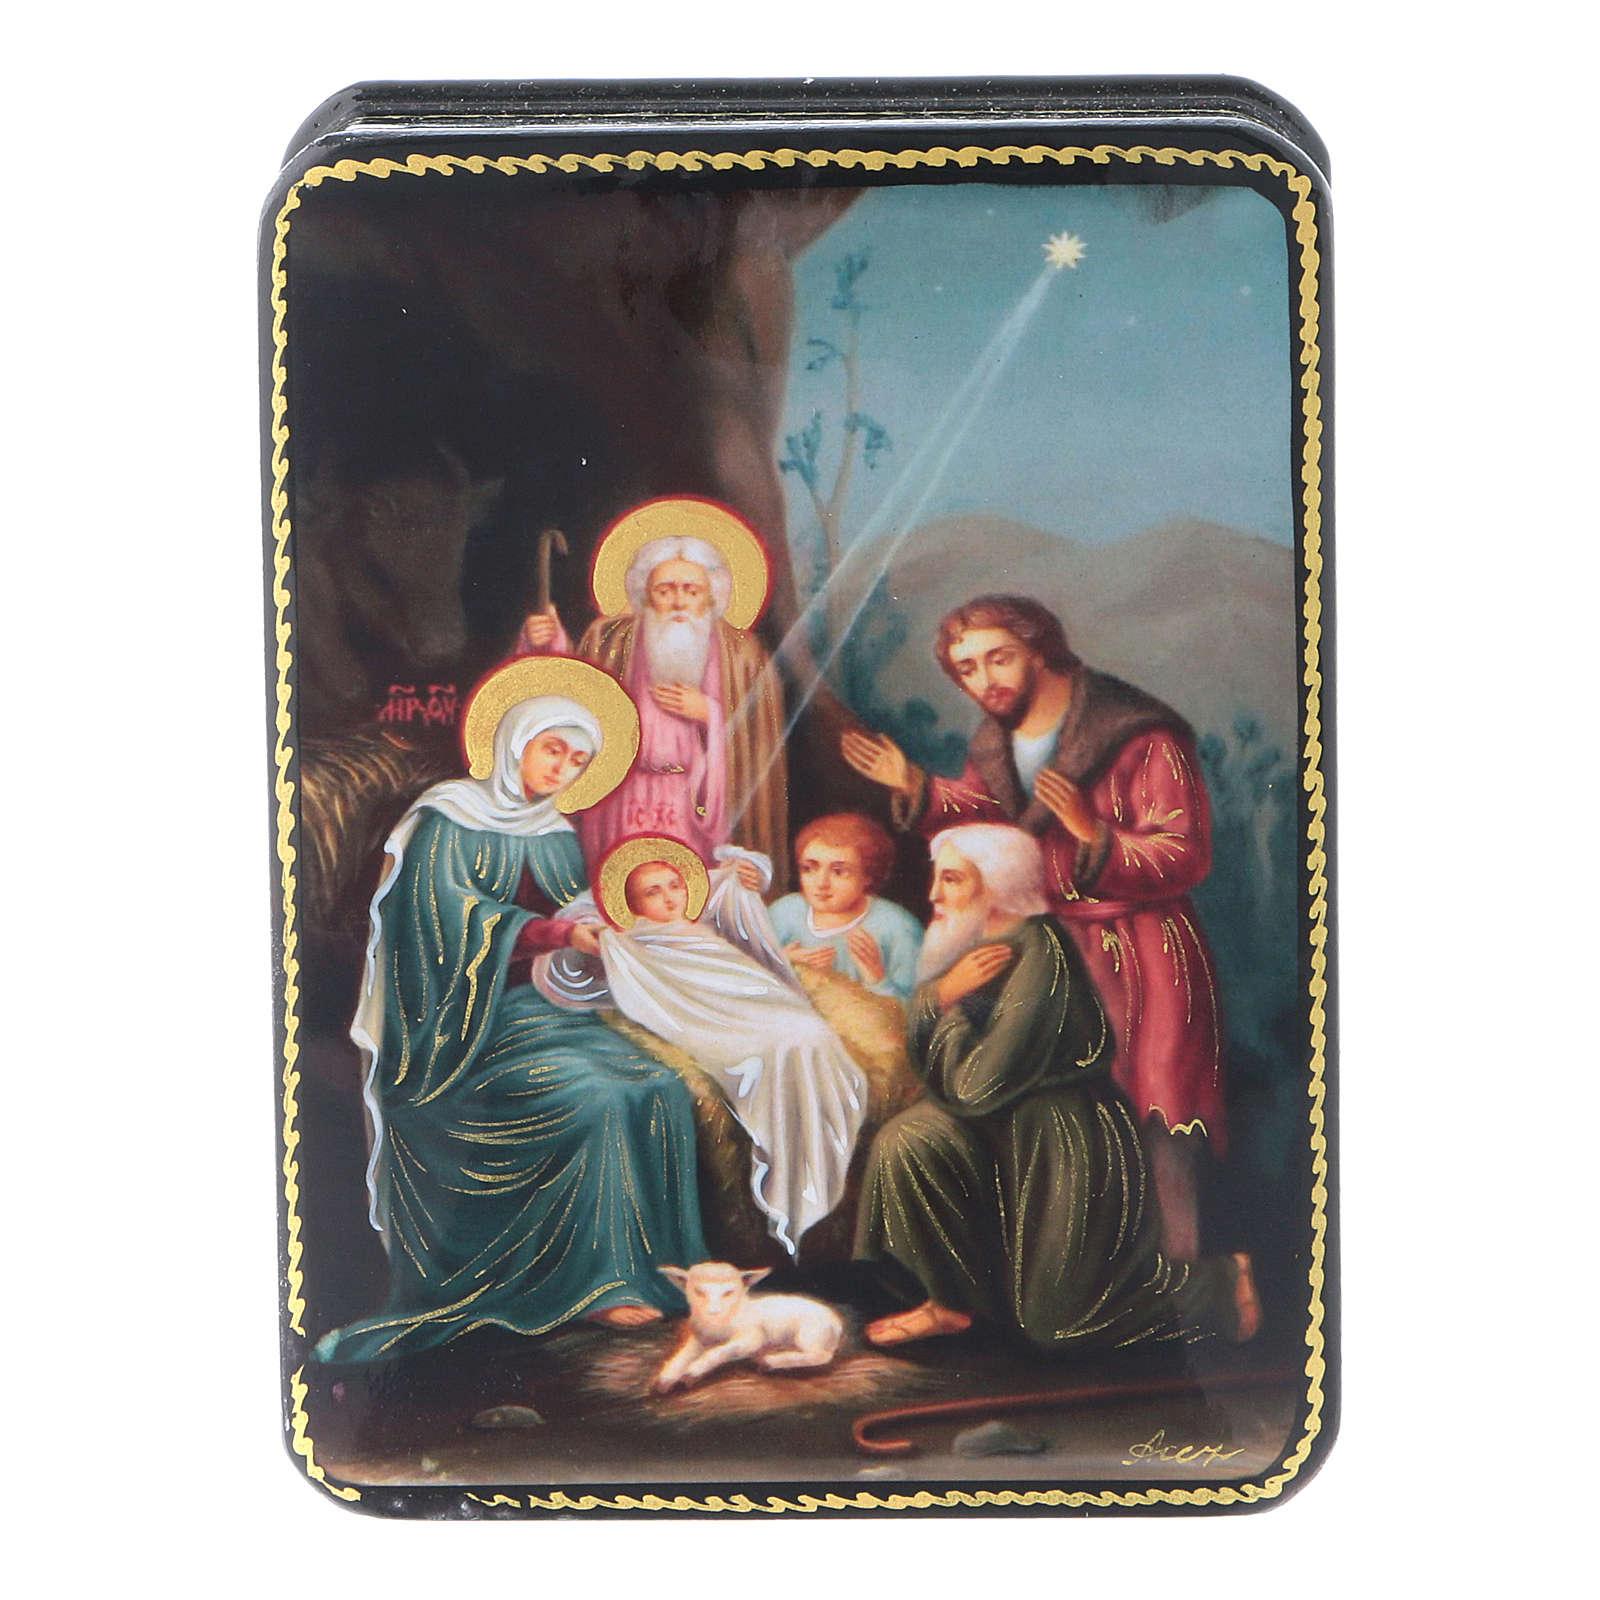 Scatola russa Papier-mâché Nascita Gesù Cristo riproduzione 11x8 Fedoskino style 4